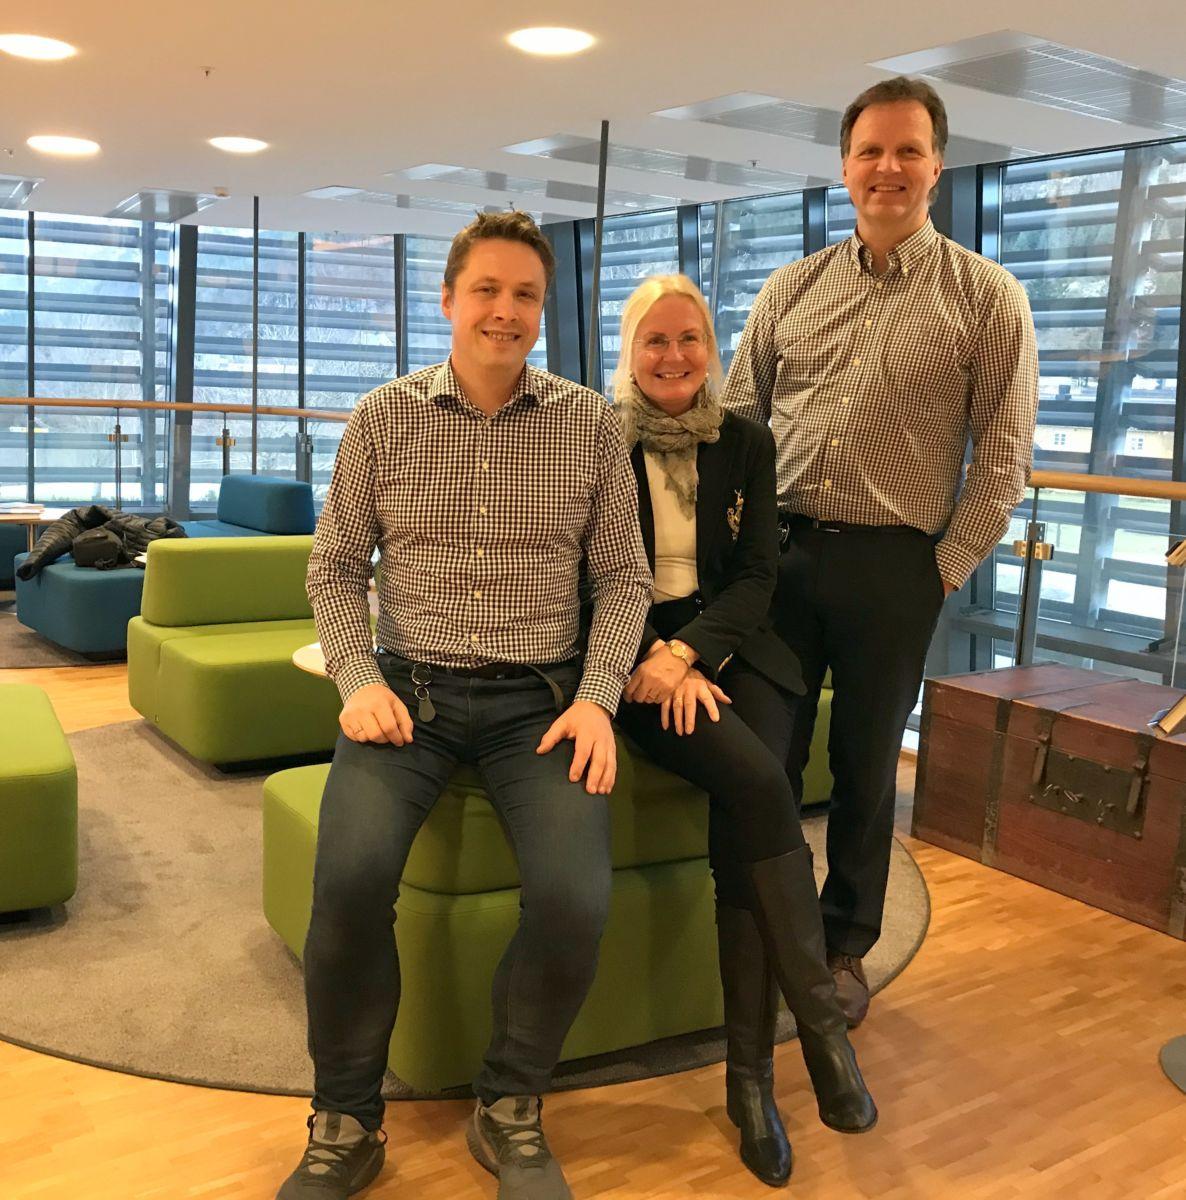 Desse tre står i spissen for årets næringslivsdag. Frå venstre: Ole Magnus Løwe, ledar for bedriftsmarked, markedssjef Liv Dalsegg og banksjef Allan Troelsen. Foto: Dordi J H